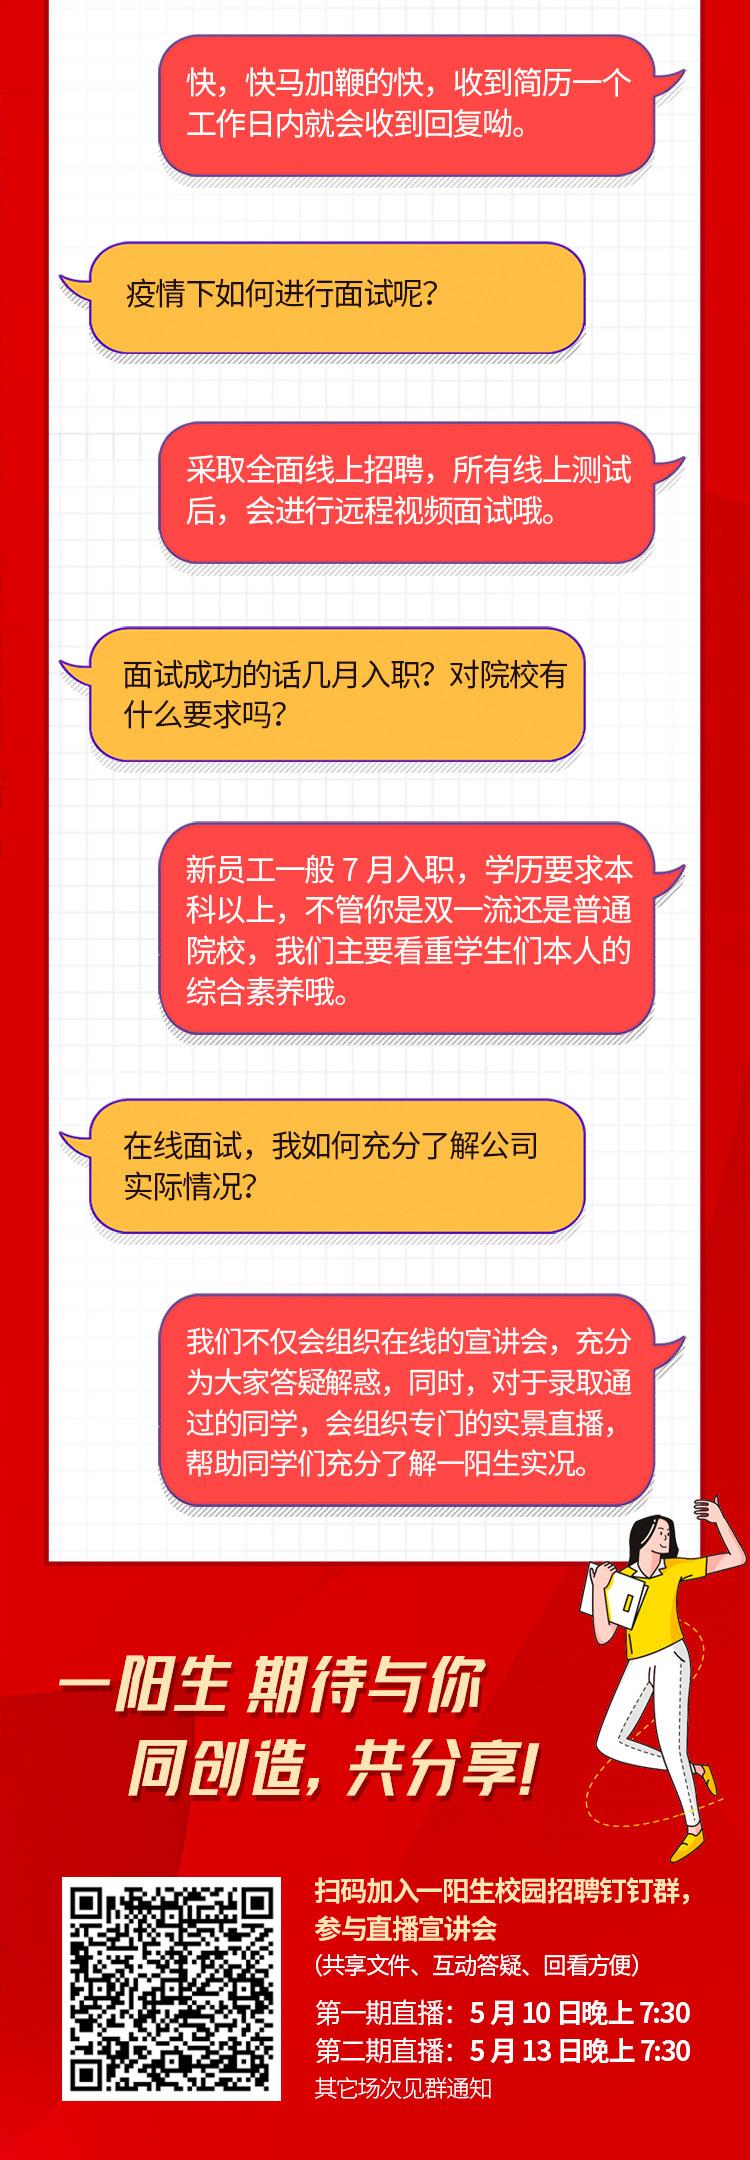 意气飞阳 ,酵动未来——一阳生集团2020校园招聘季,虚位以待!